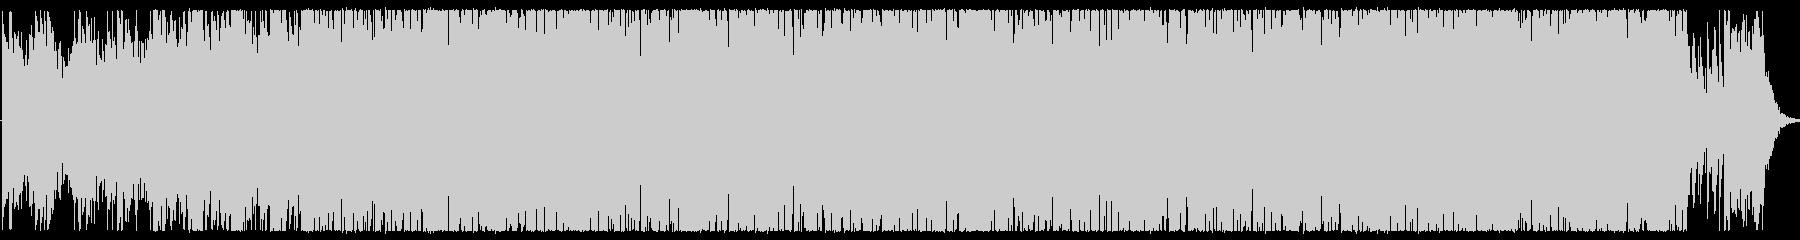 さわやかなピアノのメロディです。の未再生の波形